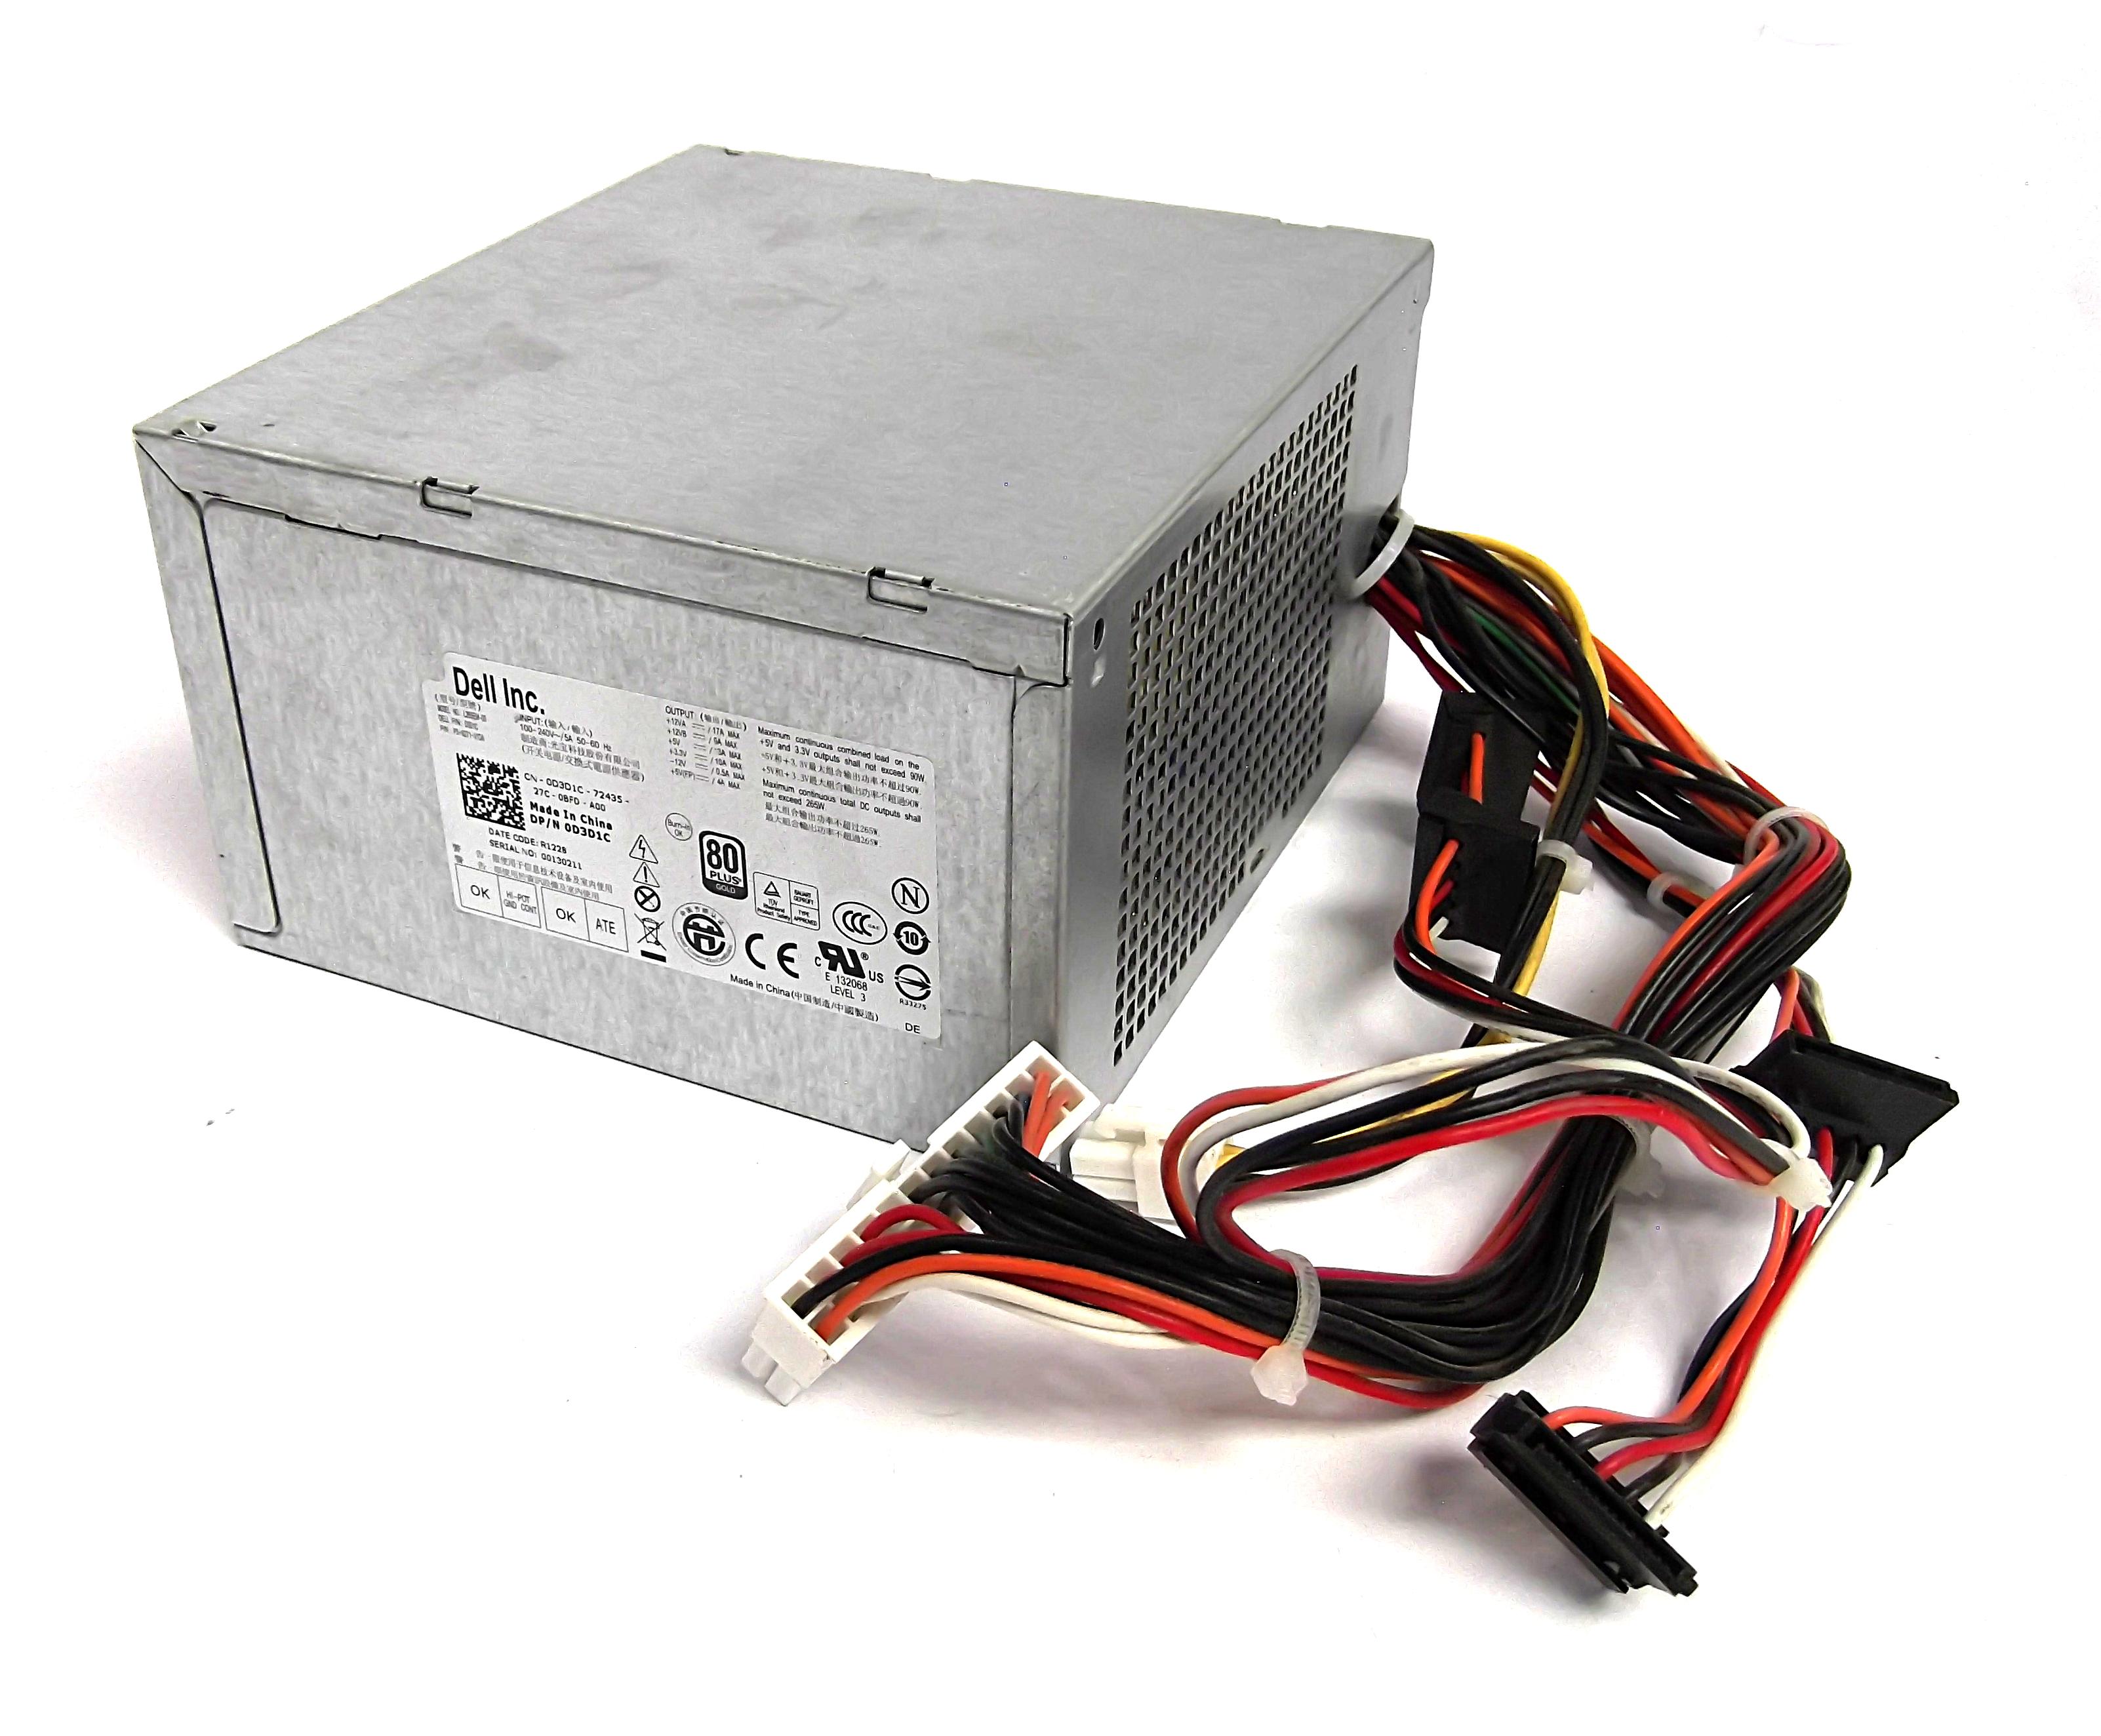 Dell D3D1C Optiplex 990 3010 MT 265W Power Supply - L265EM-00